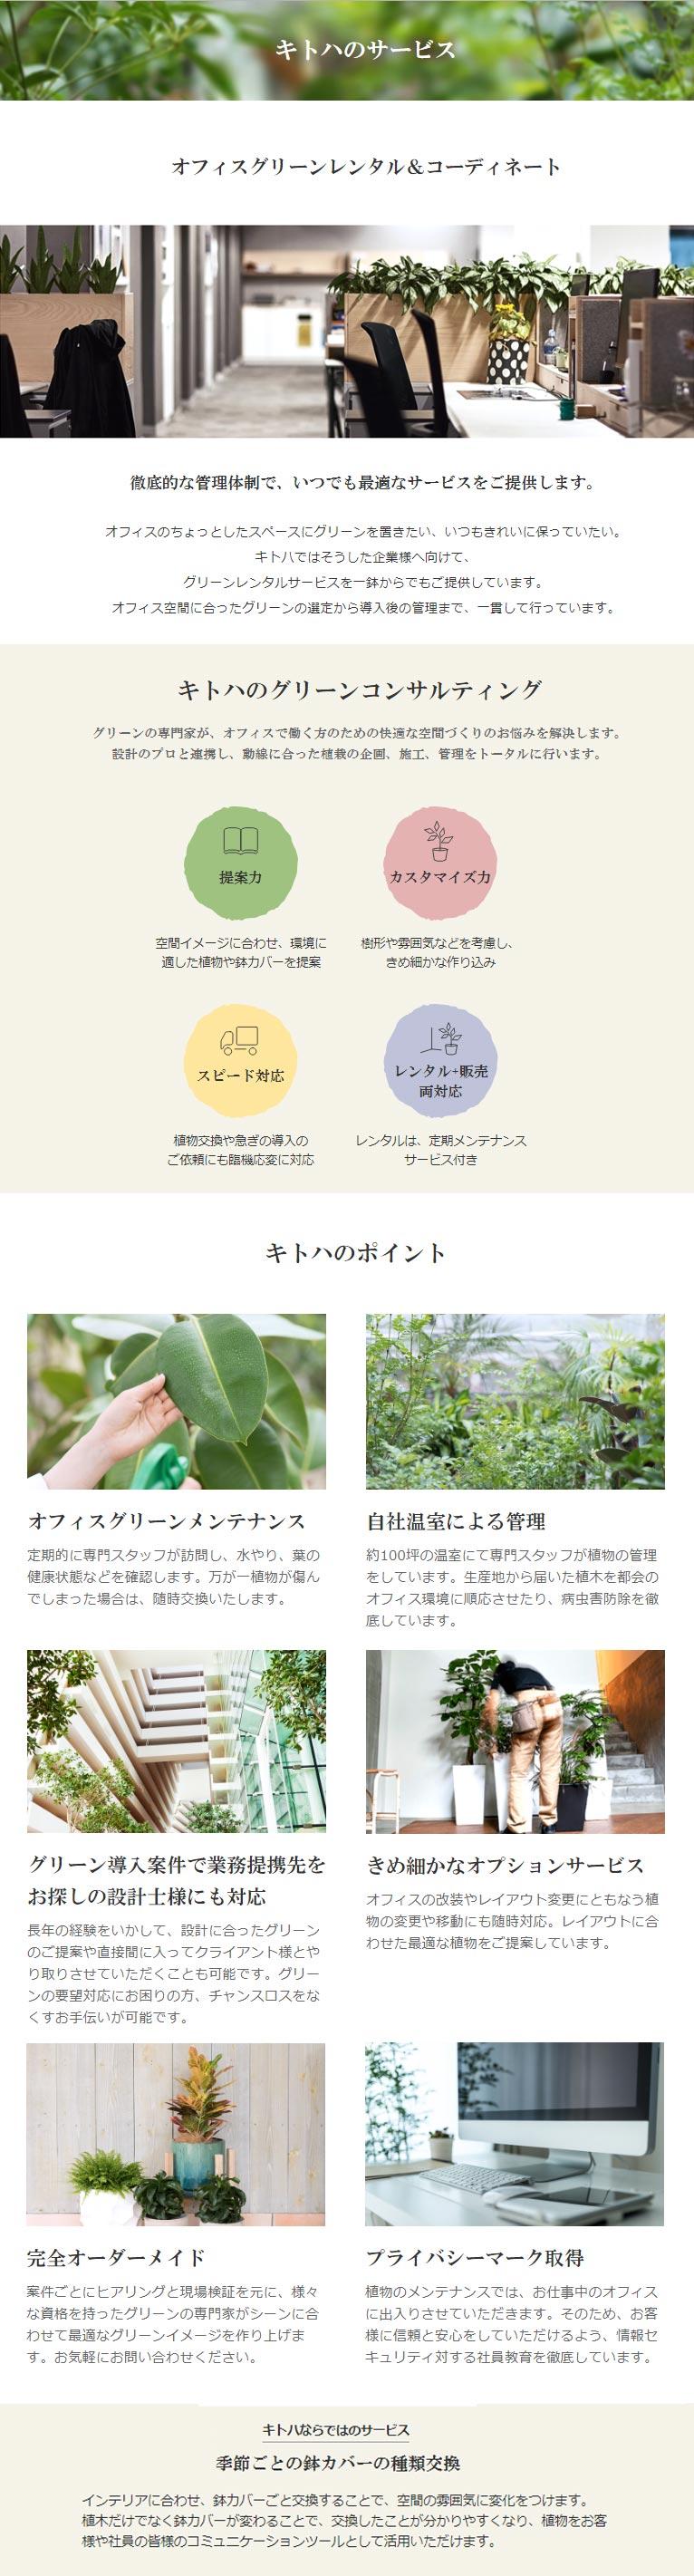 キトハ by kihouen 株式会社 喜芳園 紹介ページ